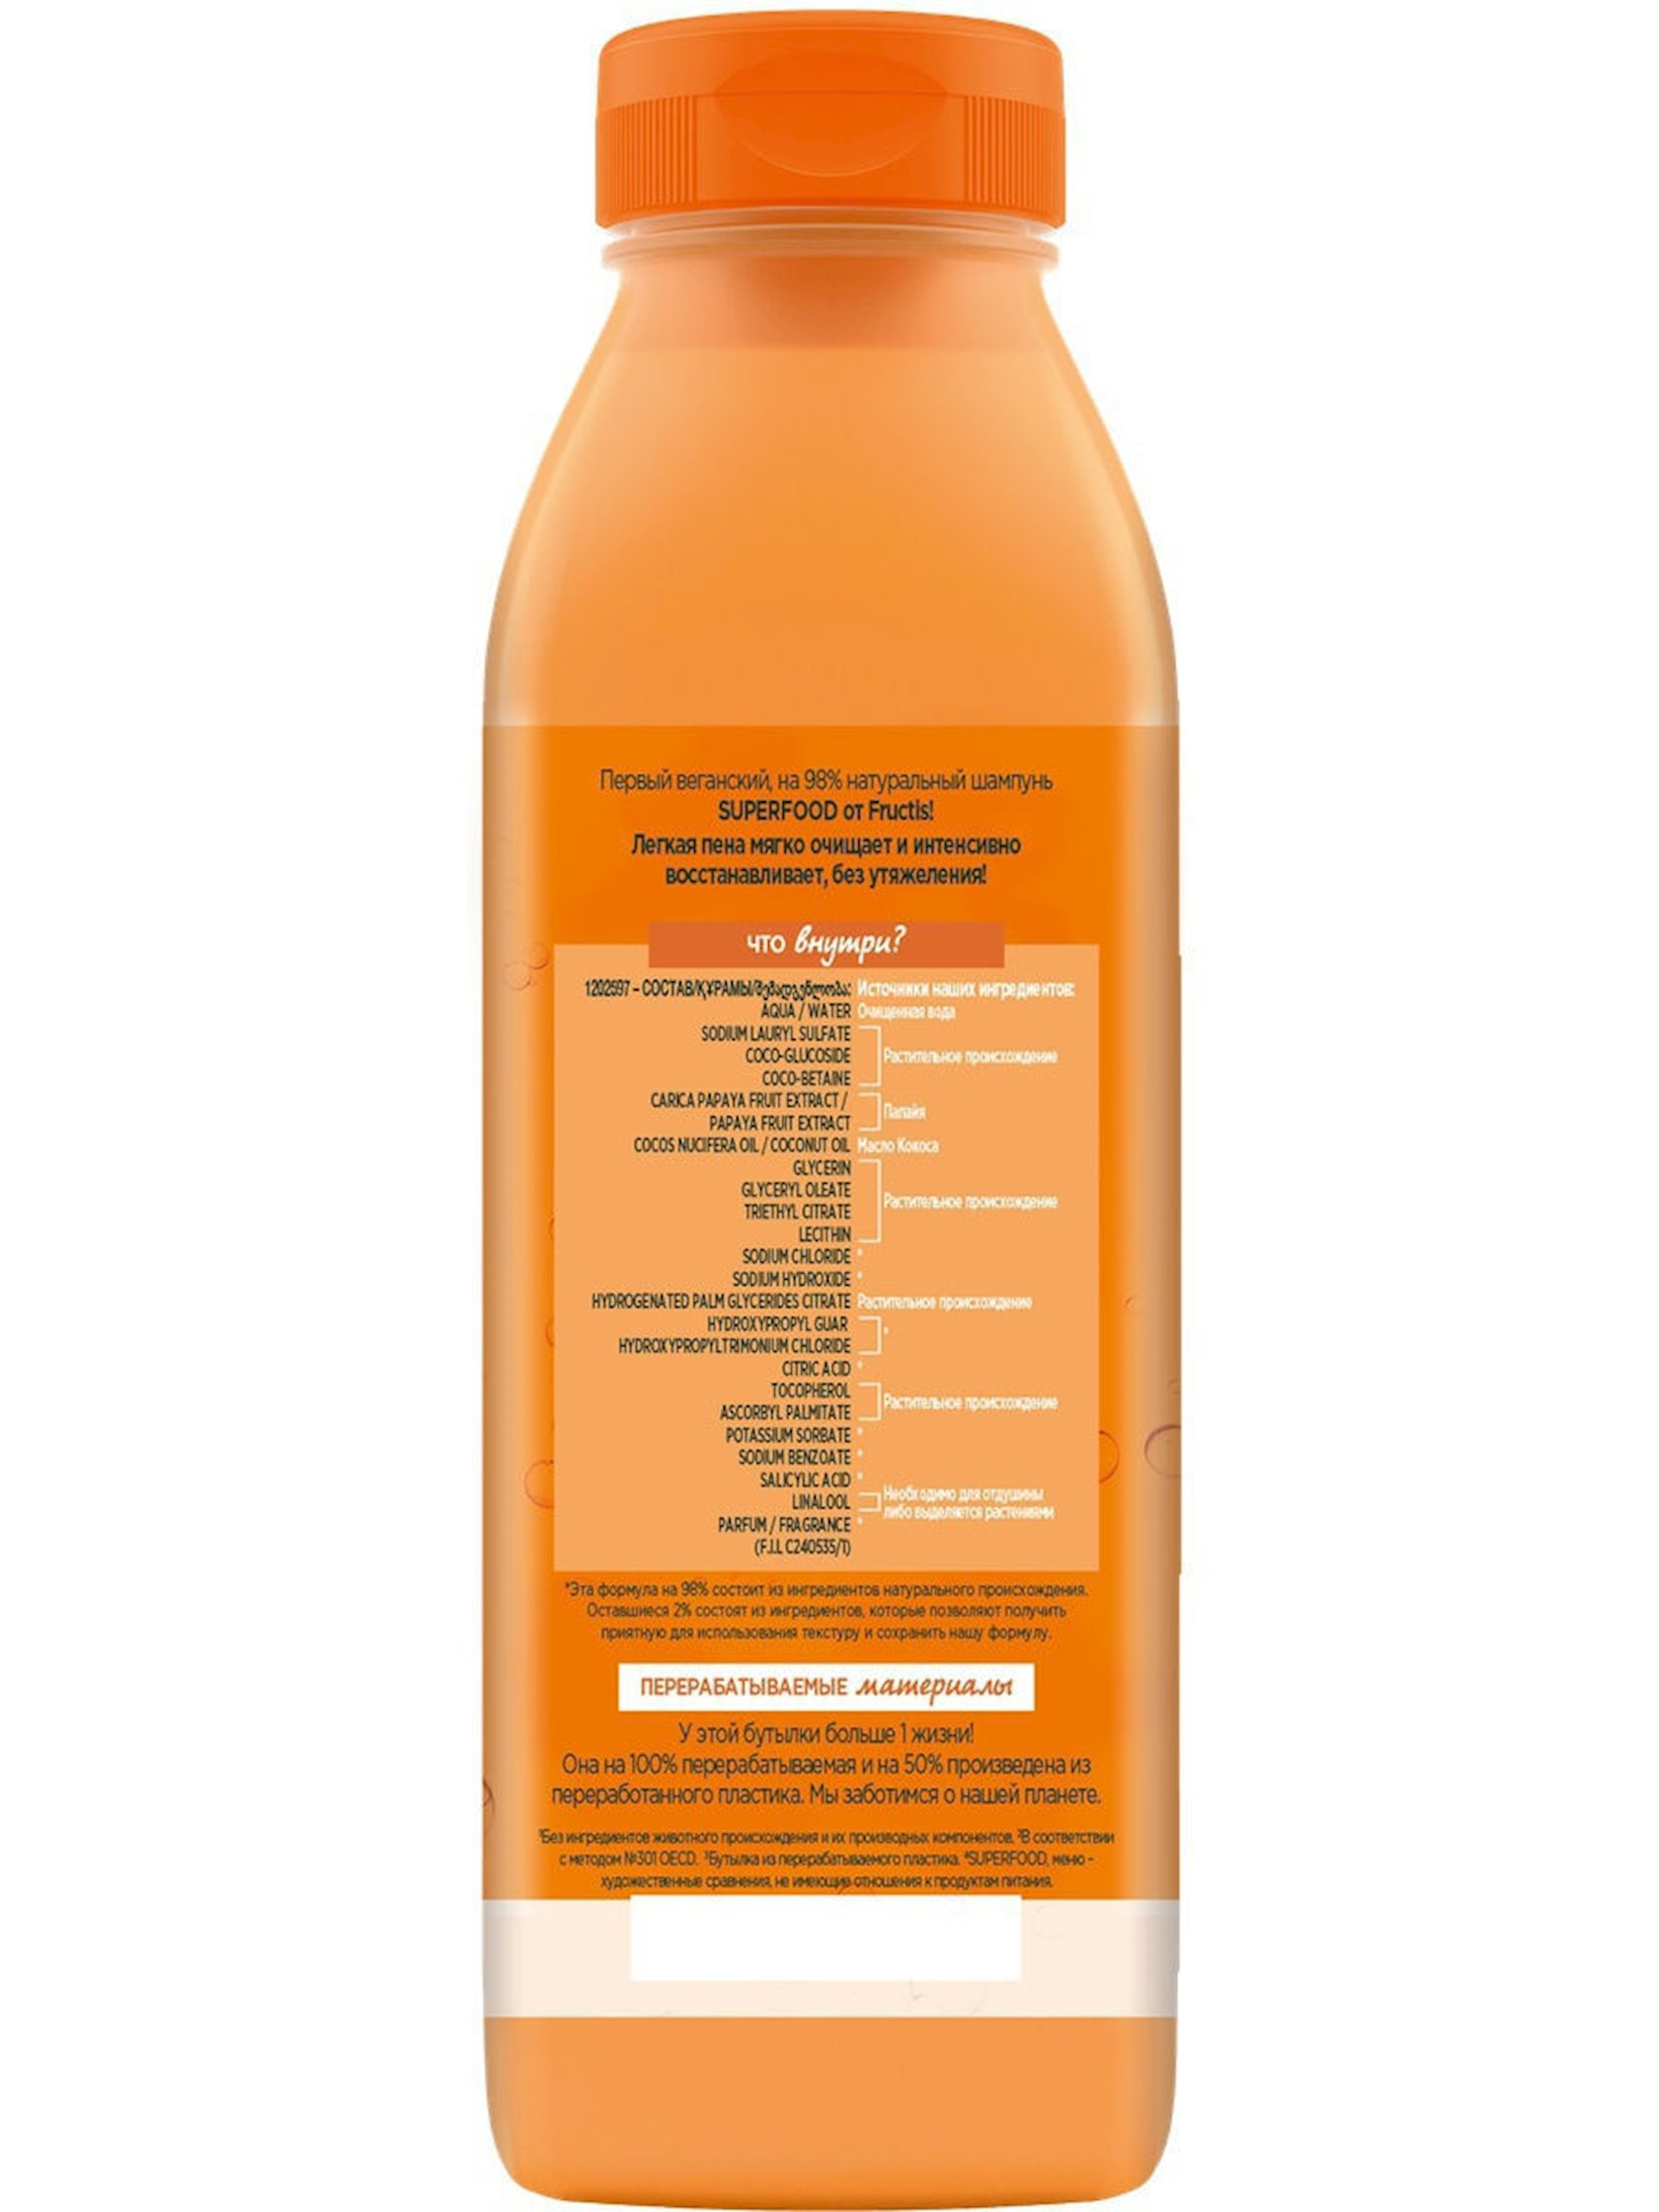 Şampun Garnier Fructis Superfood Papaya Bərpaetmə zədələnmiş saçlar üçün 350 ml